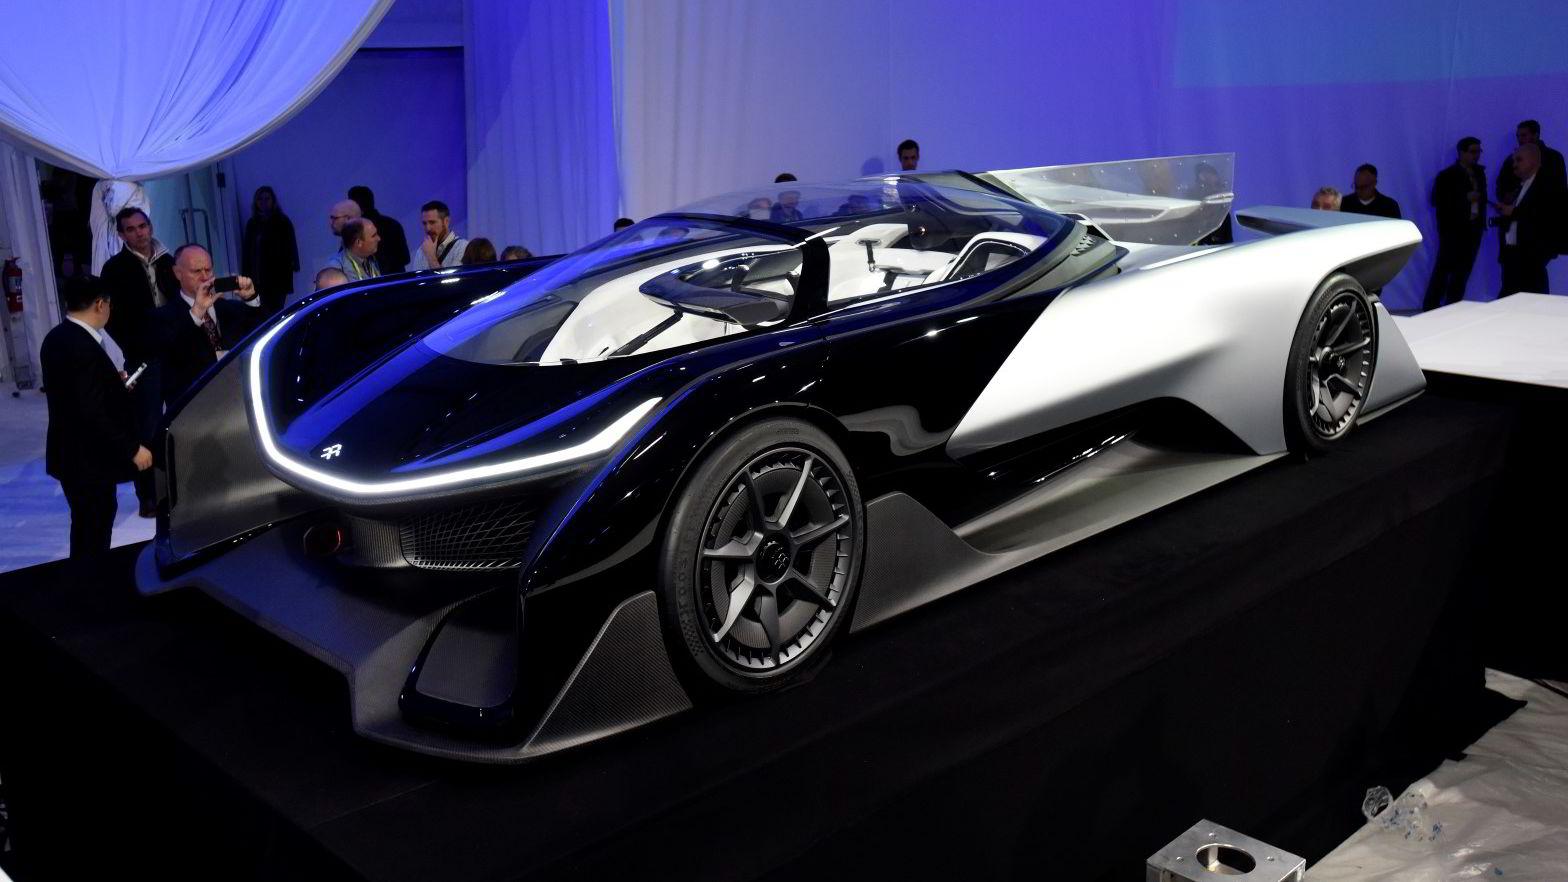 Den nye el-bilen til Faraday Future ble vist frem for første gang på CES-konferansen i Las Vegas mandag.